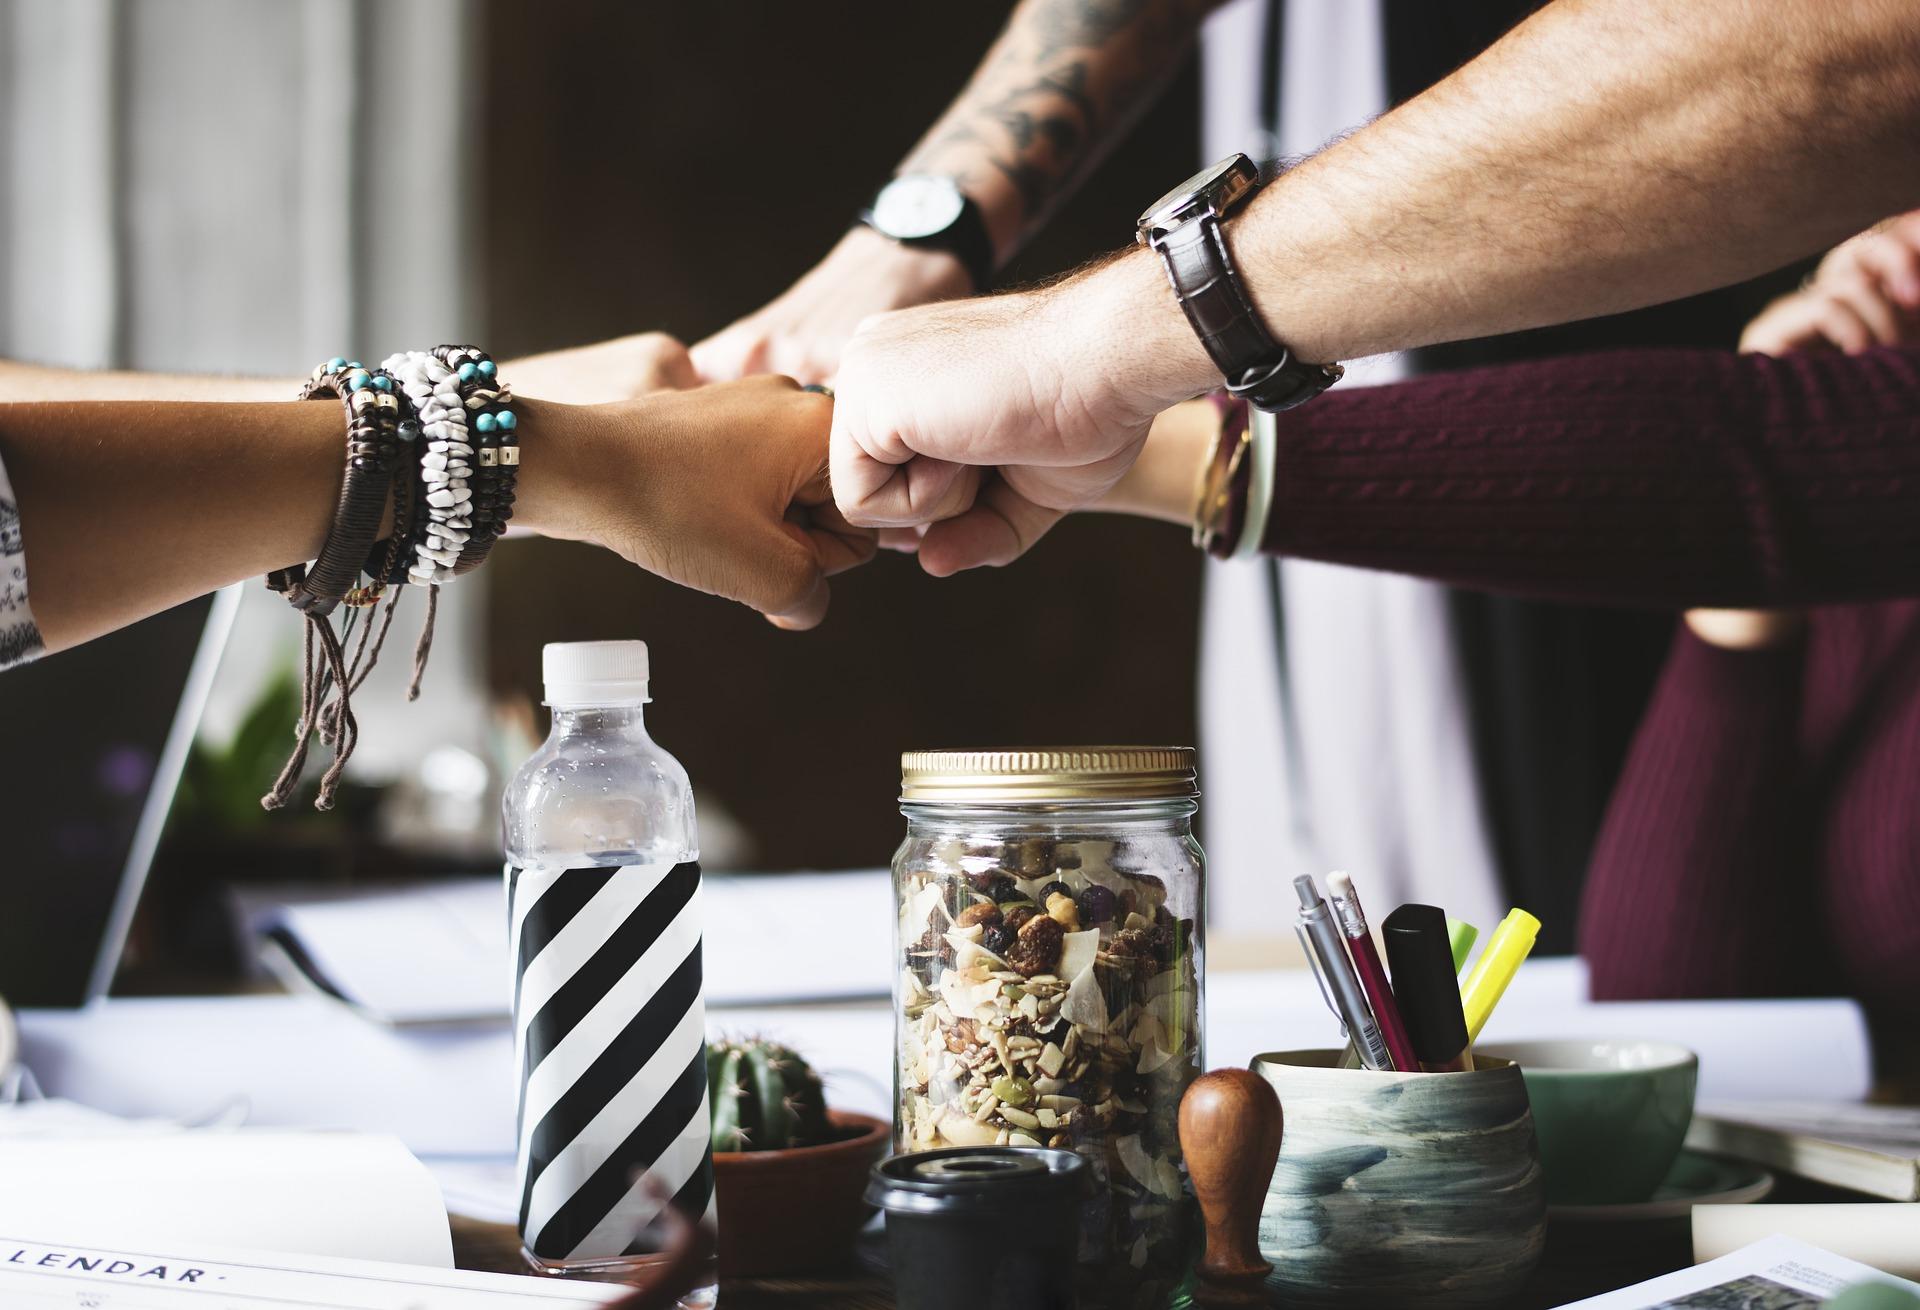 Spółka zograniczoną odpowiedzialnością – czym jest i jak ją założyć?